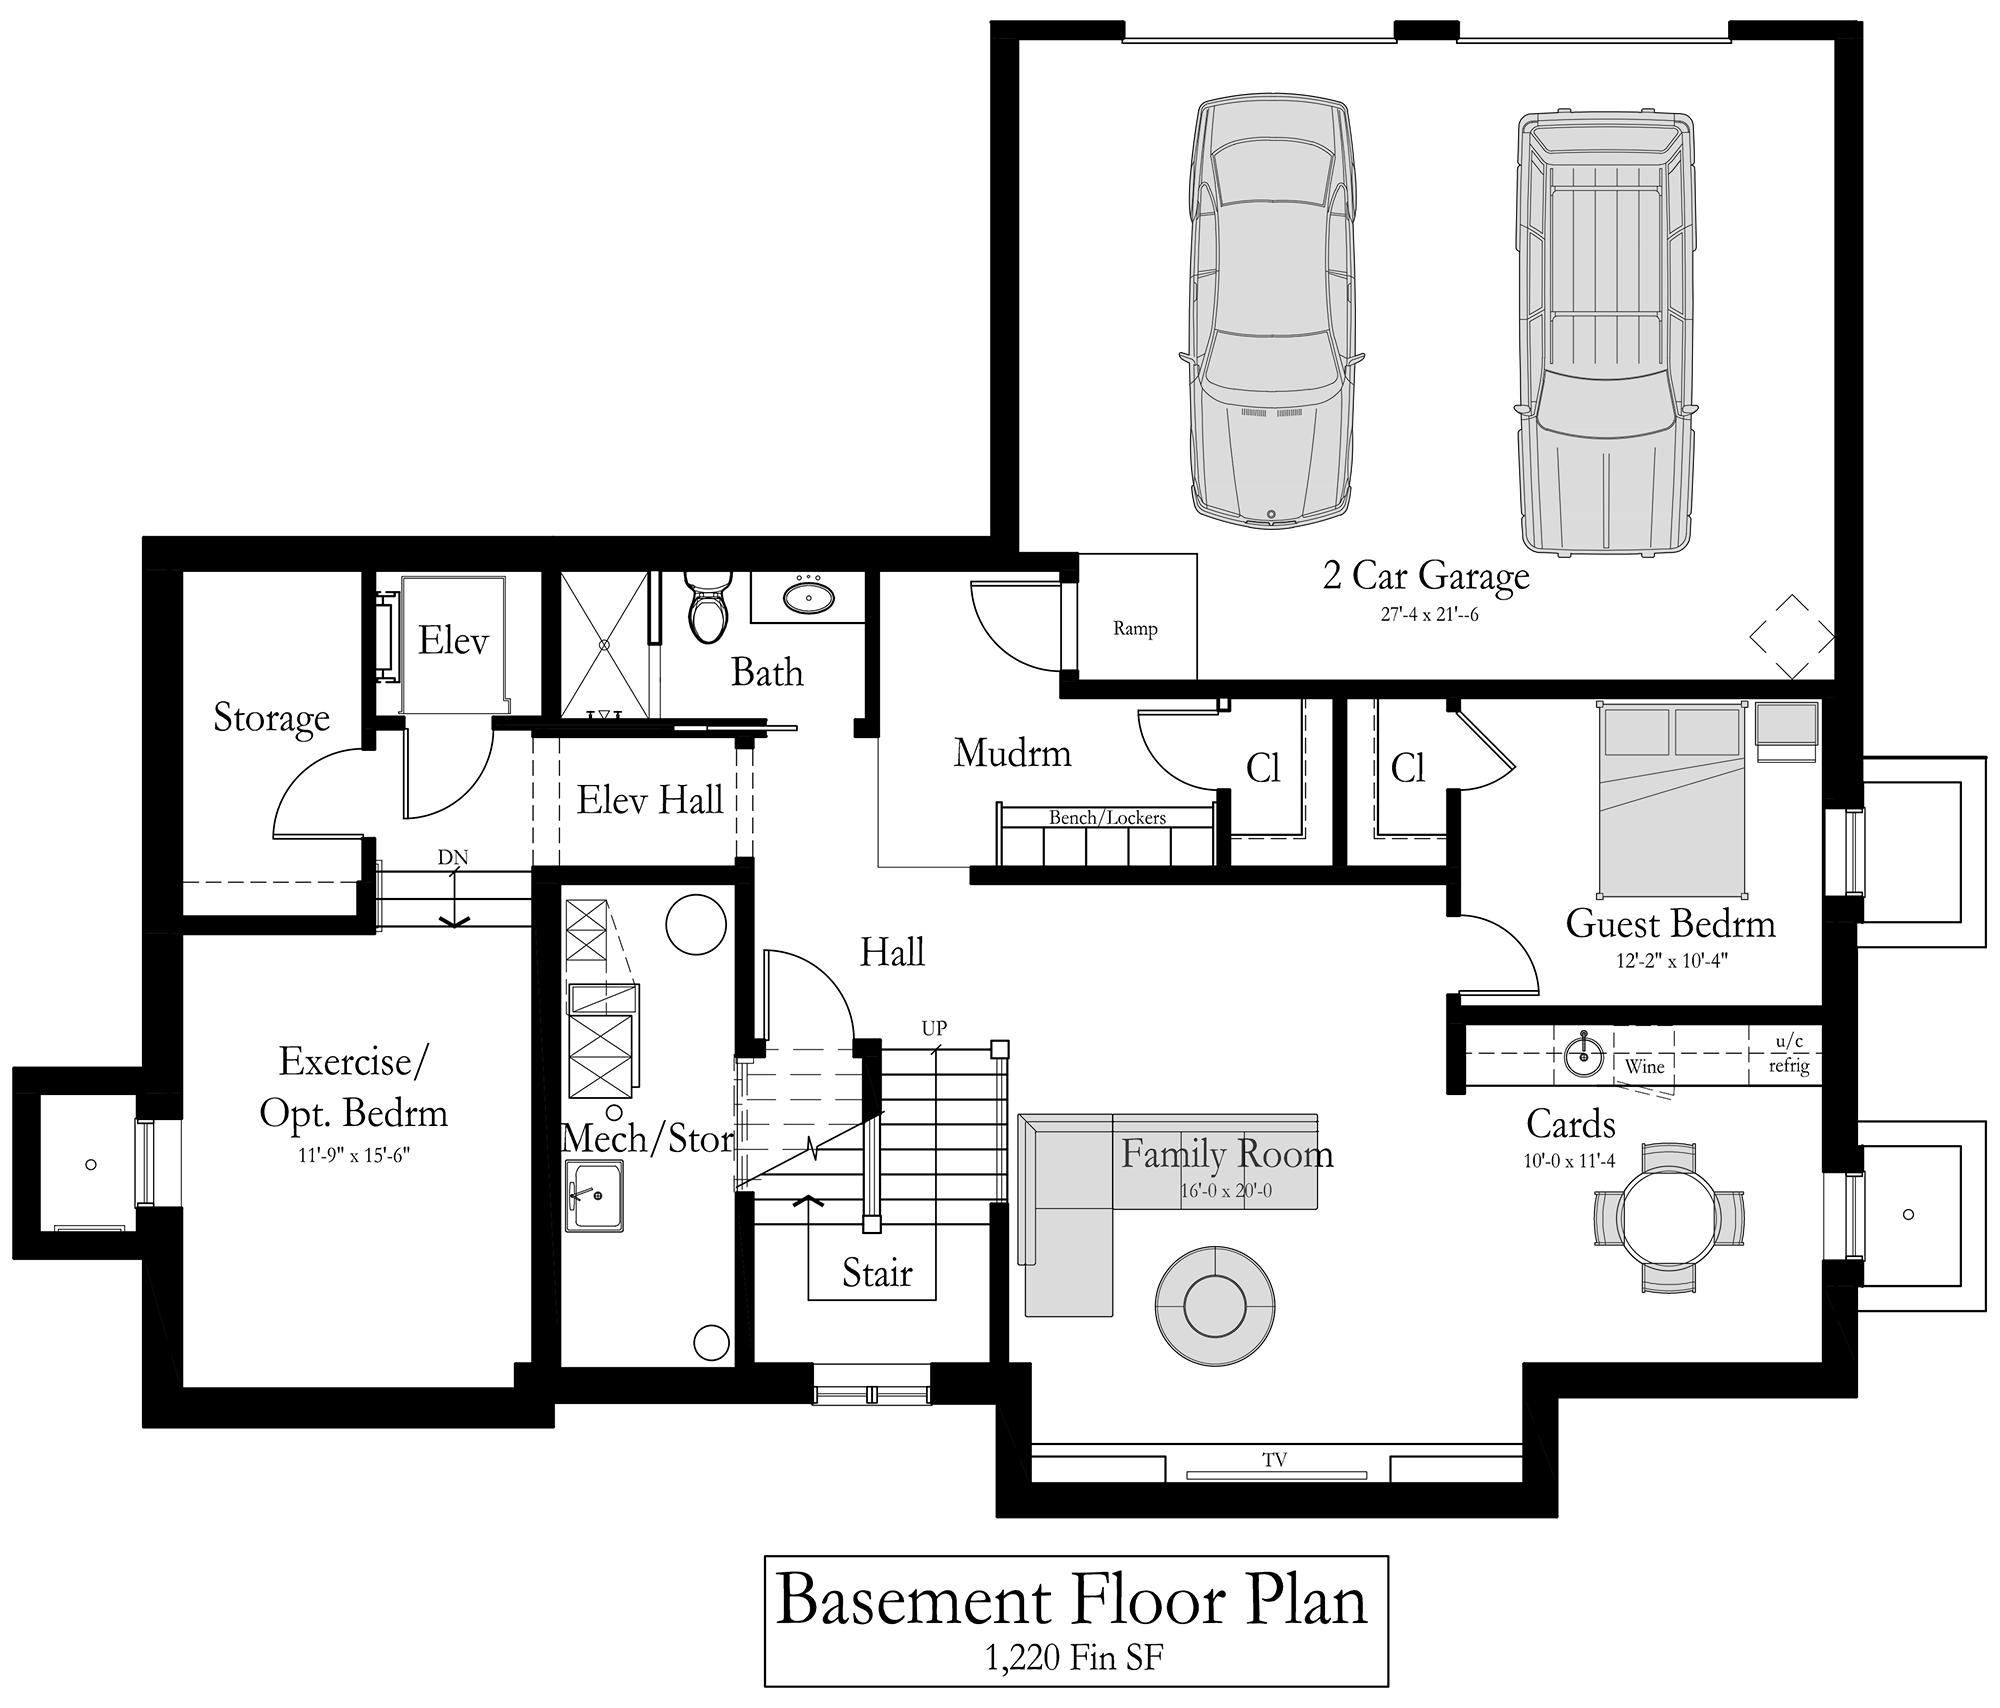 thomas_basement_plan_06.25.18.png